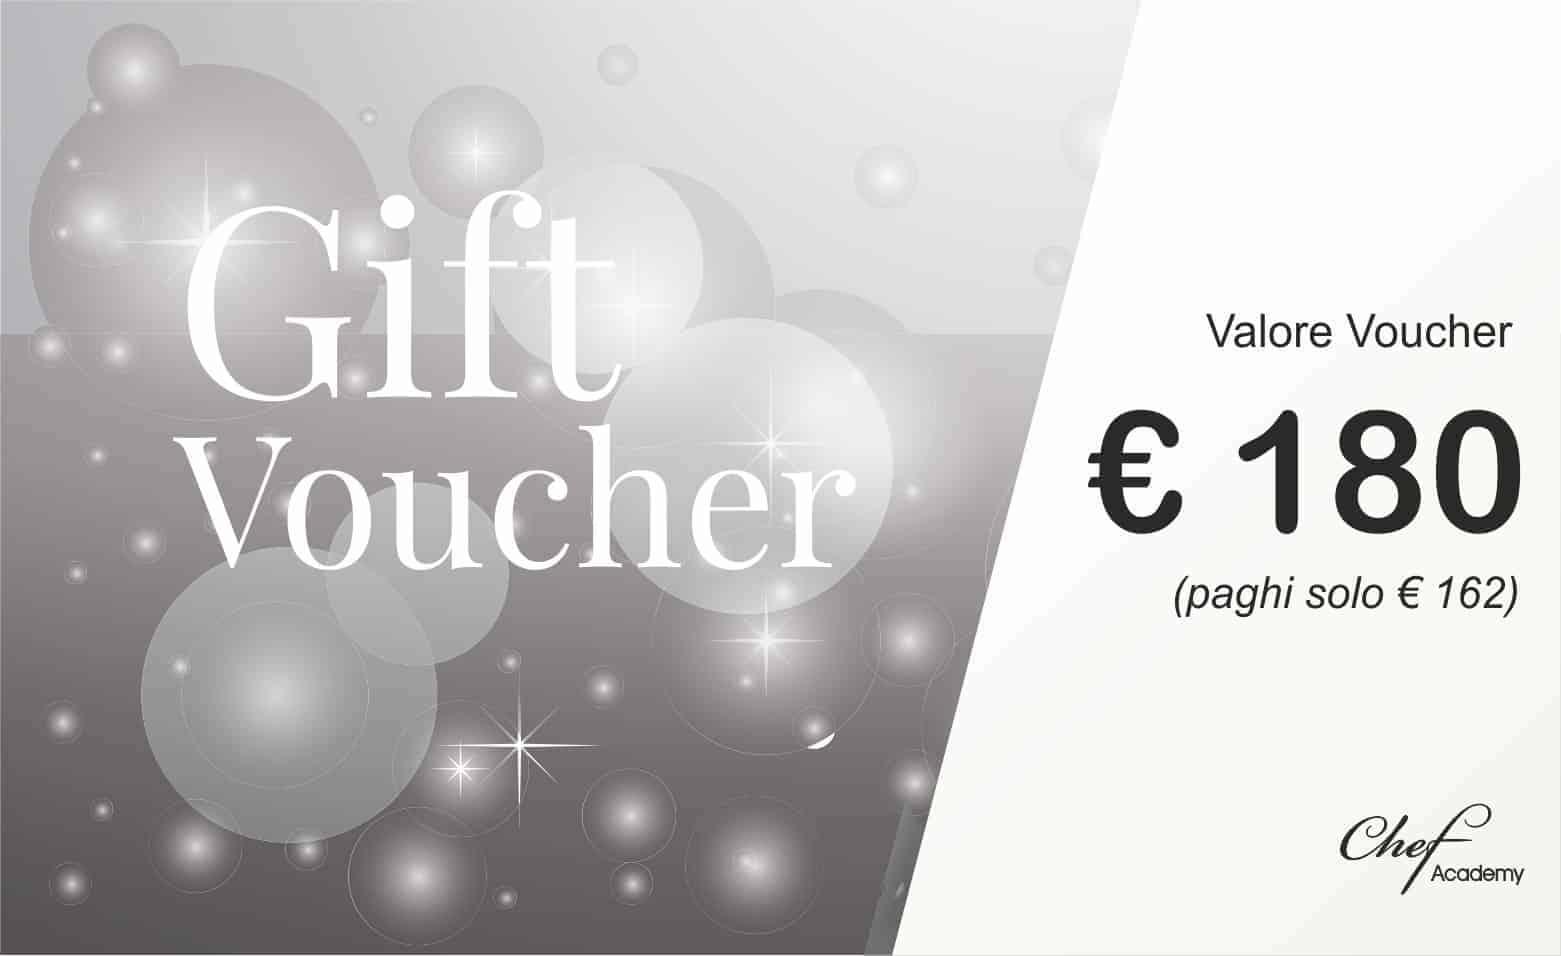 VOUCHER SILVER - 180€